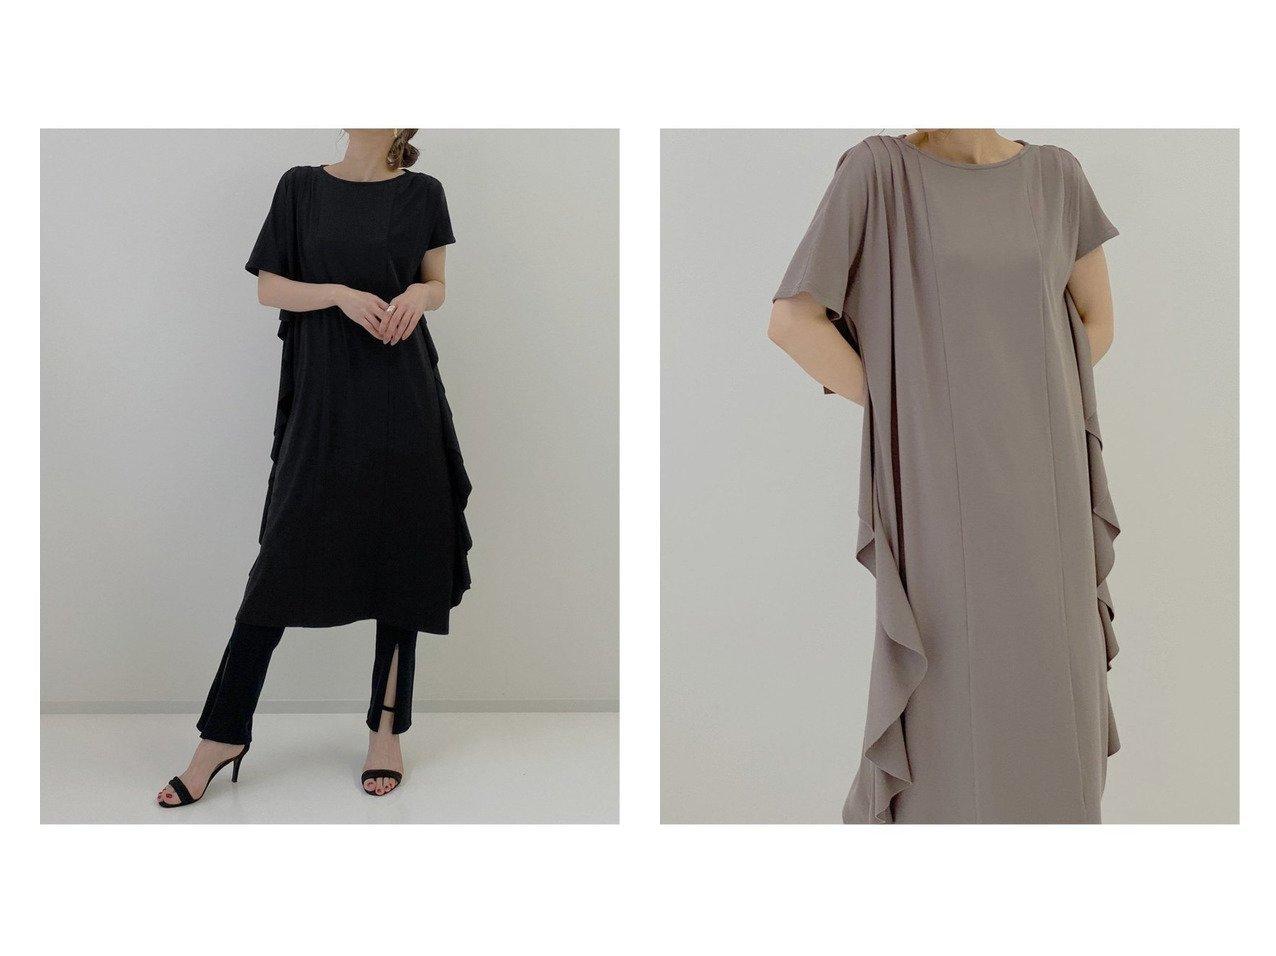 【MIELIINVARIANT/ミエリインヴァリアント】のScale Ruffle Cut Dress おすすめ!人気、トレンド・レディースファッションの通販 おすすめで人気の流行・トレンド、ファッションの通販商品 インテリア・家具・メンズファッション・キッズファッション・レディースファッション・服の通販 founy(ファニー) https://founy.com/ ファッション Fashion レディースファッション WOMEN ワンピース Dress ドレス Party Dresses チュニック Tunic NEW・新作・新着・新入荷 New Arrivals おすすめ Recommend チュニック ドレス レギンス ワイド |ID:crp329100000059893